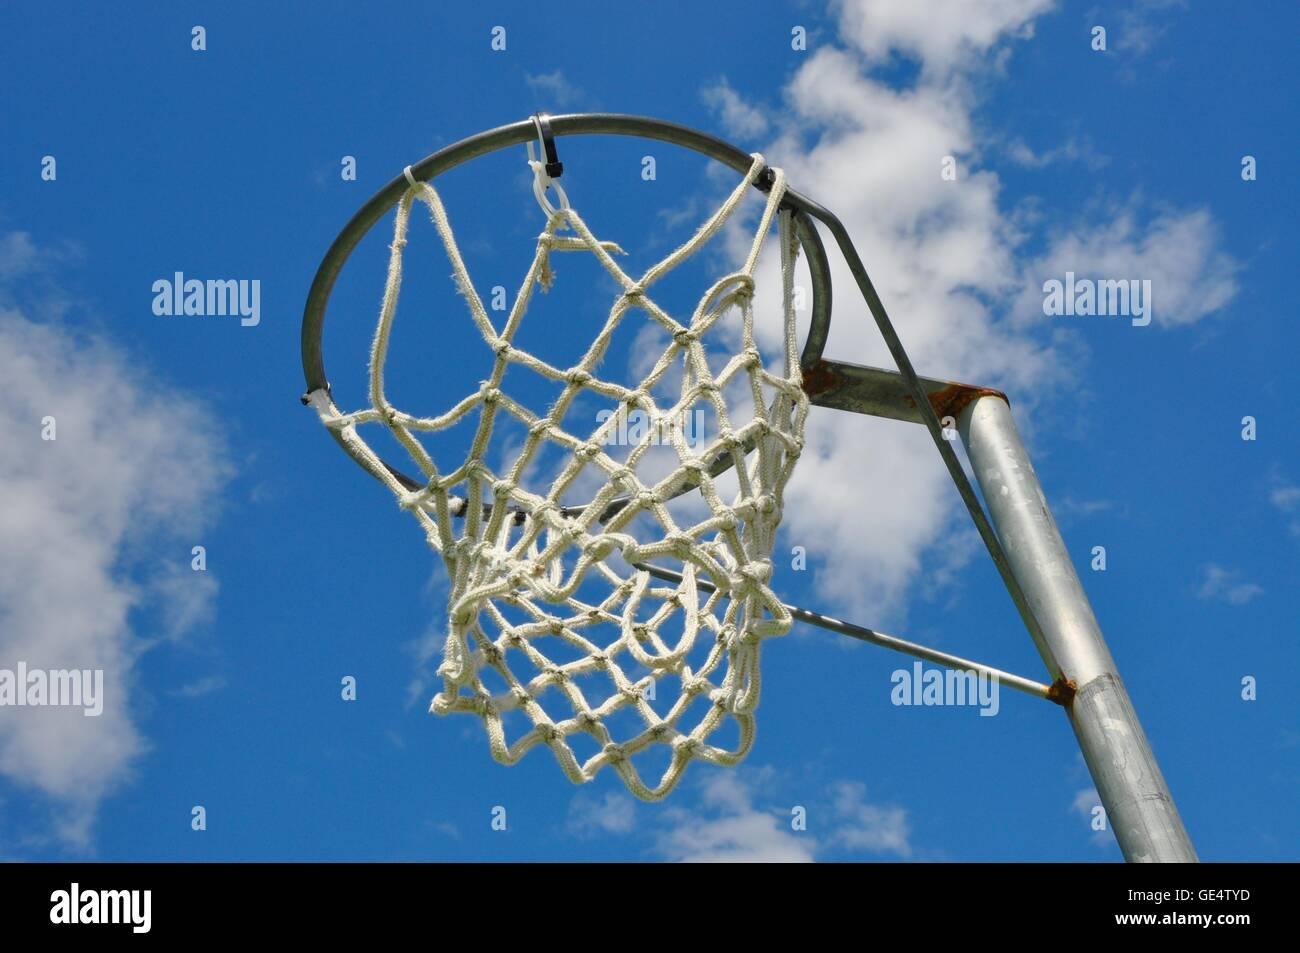 Perspective abstraite d'une jante de netball avec net contre un ciel bleu et fond de nuage. Photo Stock